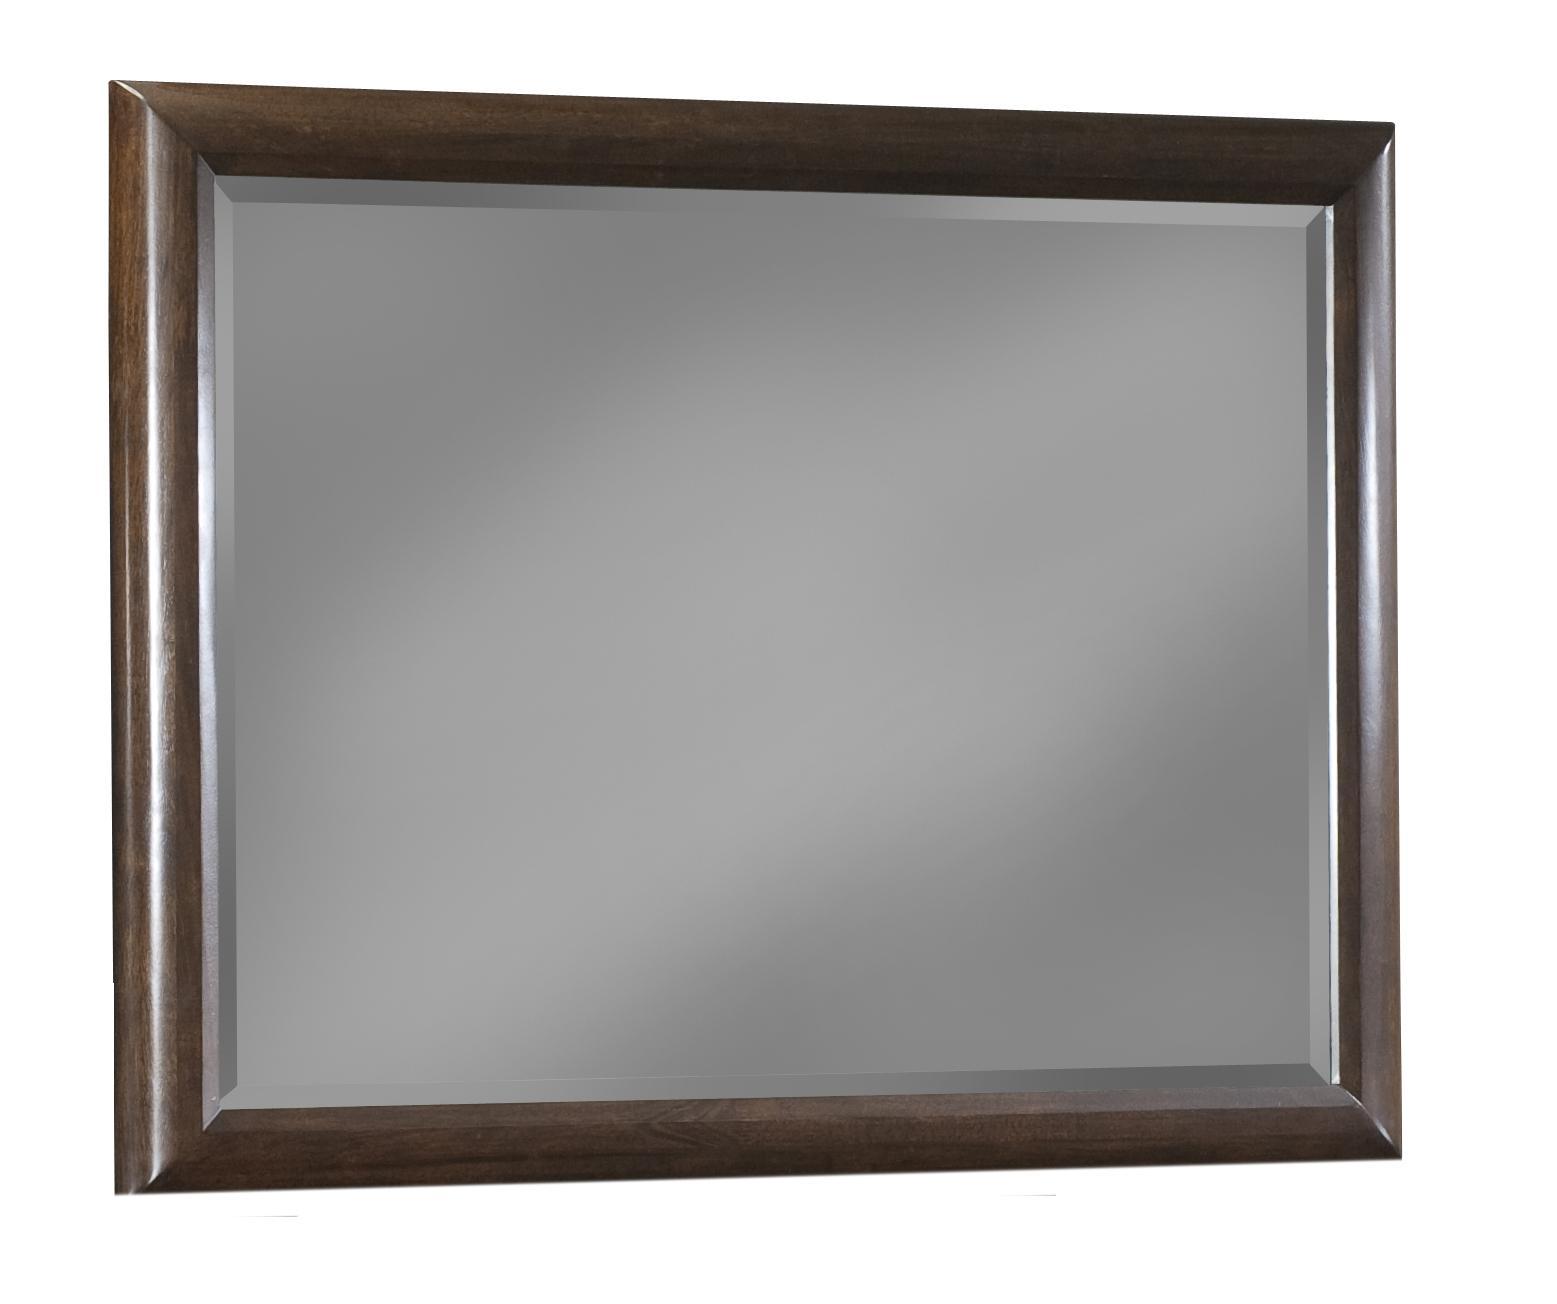 Klaussner International Serenade Mirror - Item Number: 975-660 MIRR